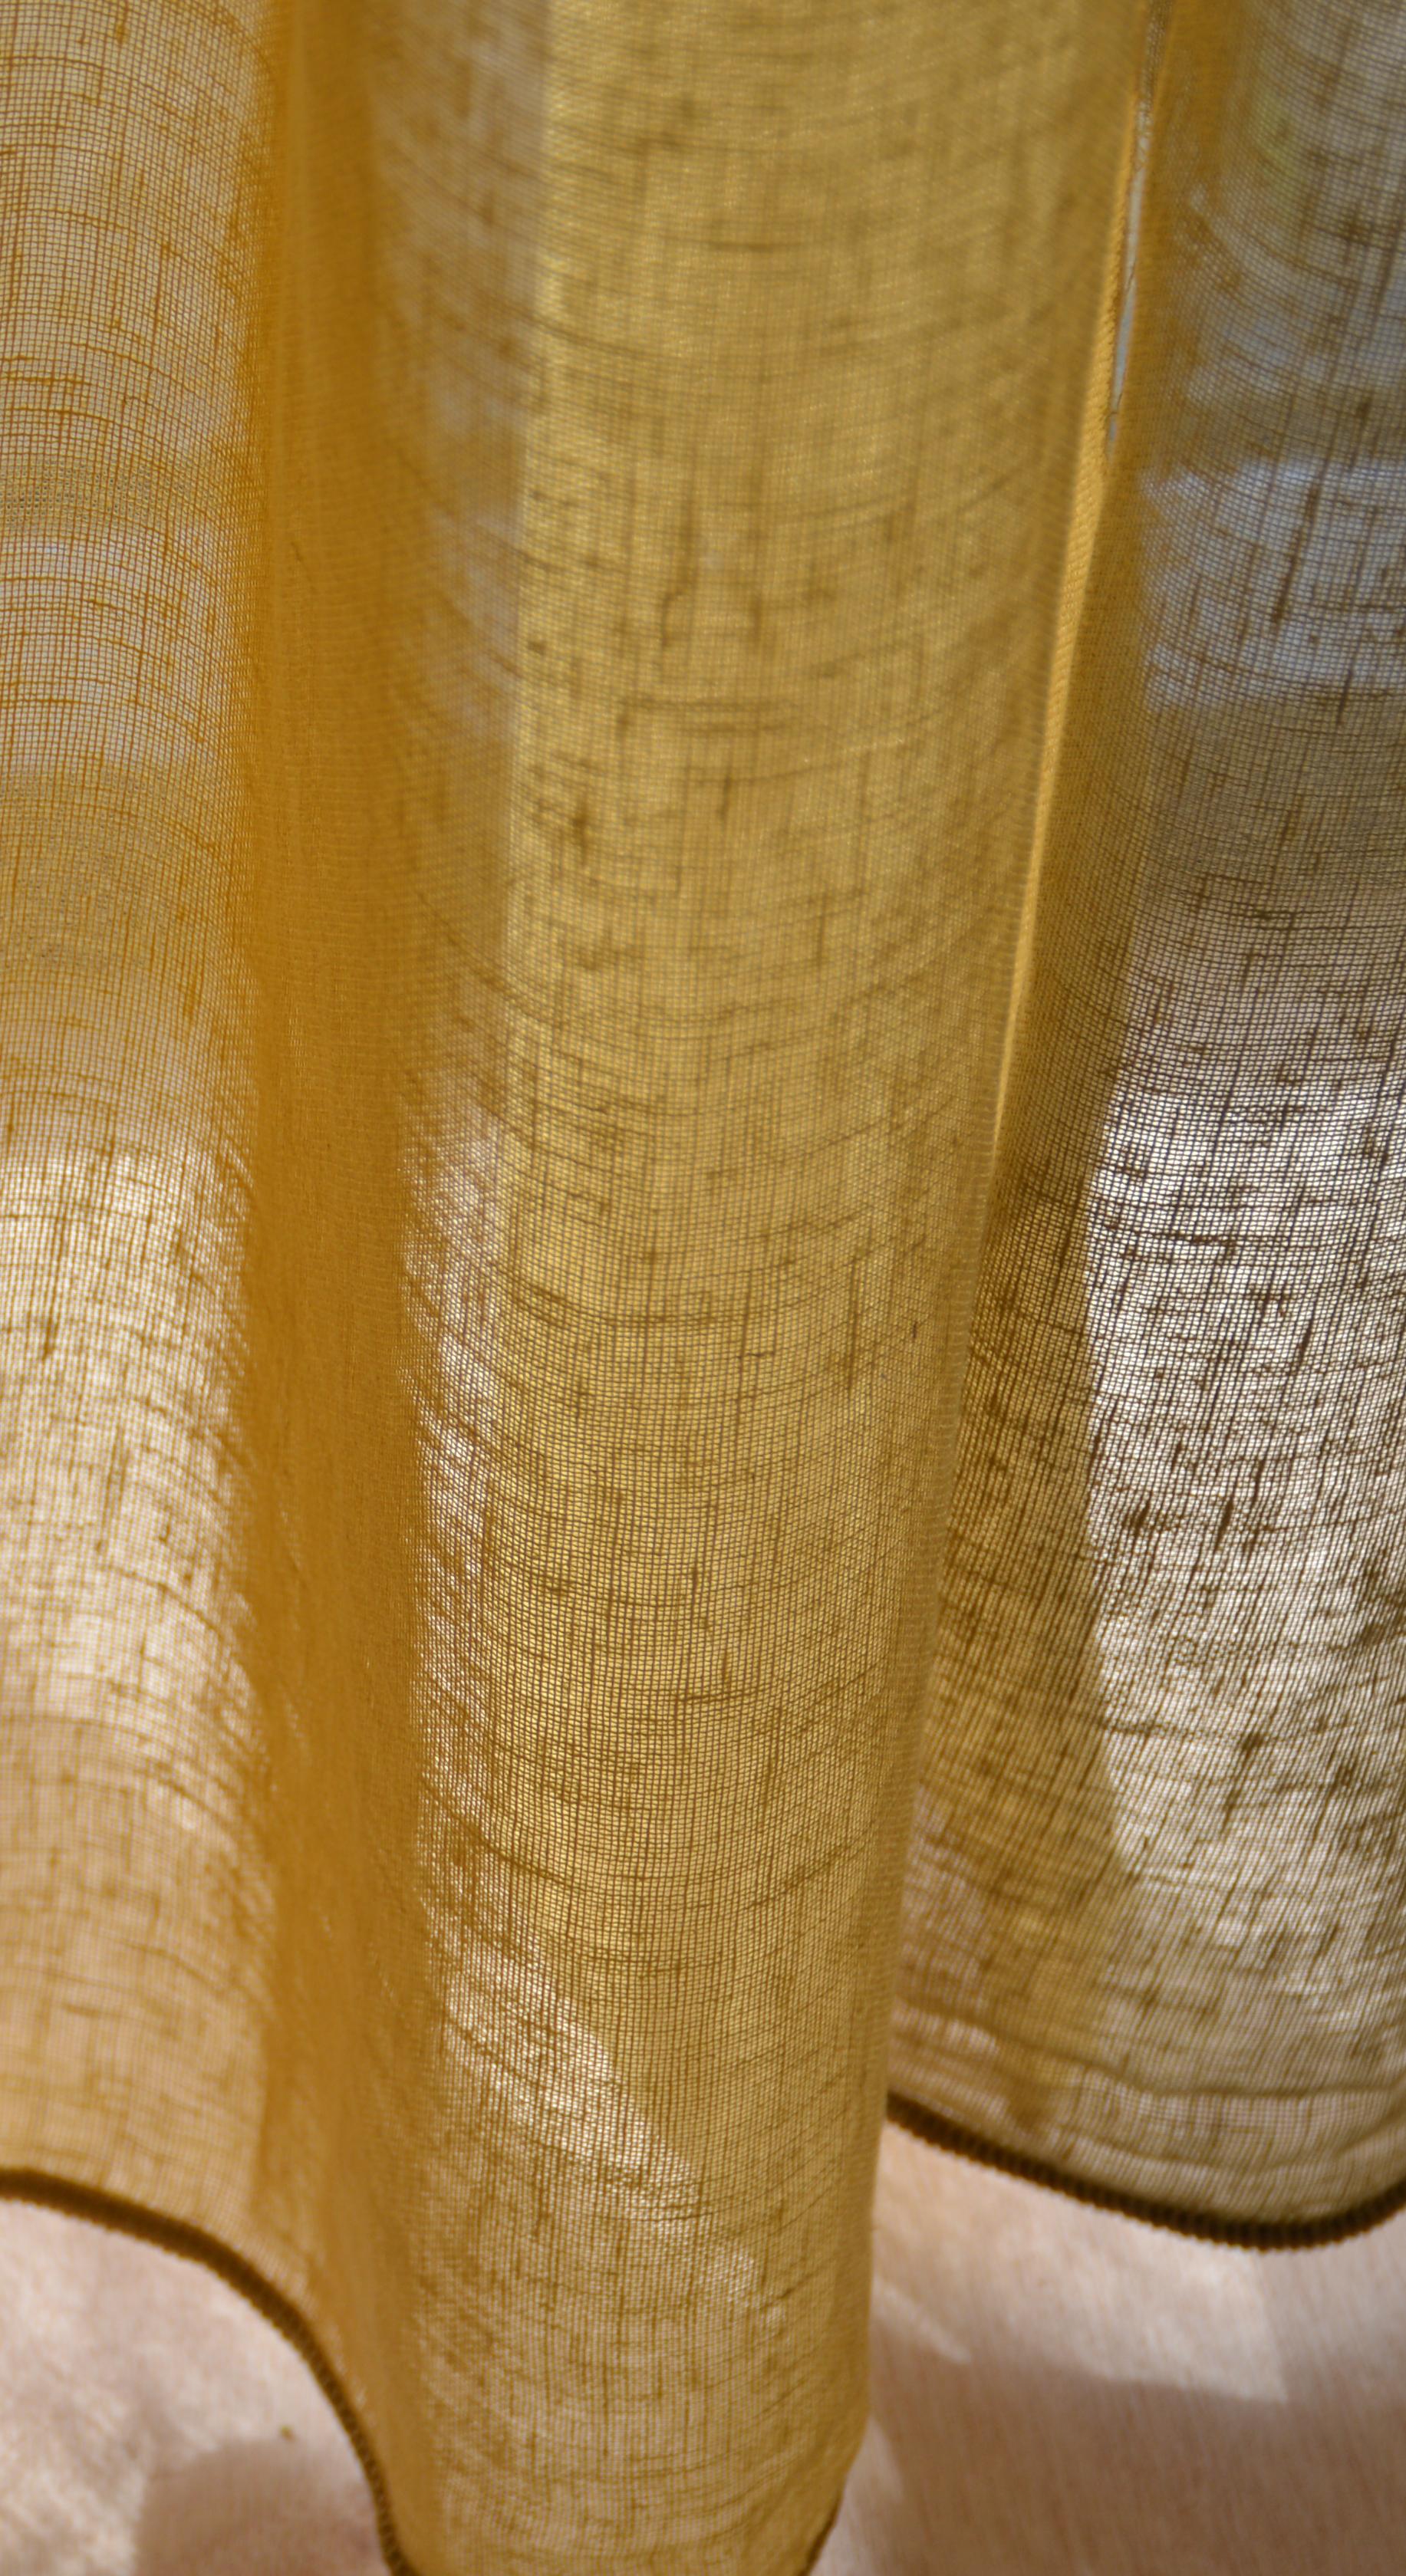 zin in zomer met deze half linnen gele inbetween gordijnen twisk curry van echtgordijnen geel linnen inbetween gordijnen vouwgordijnen echtgordijn